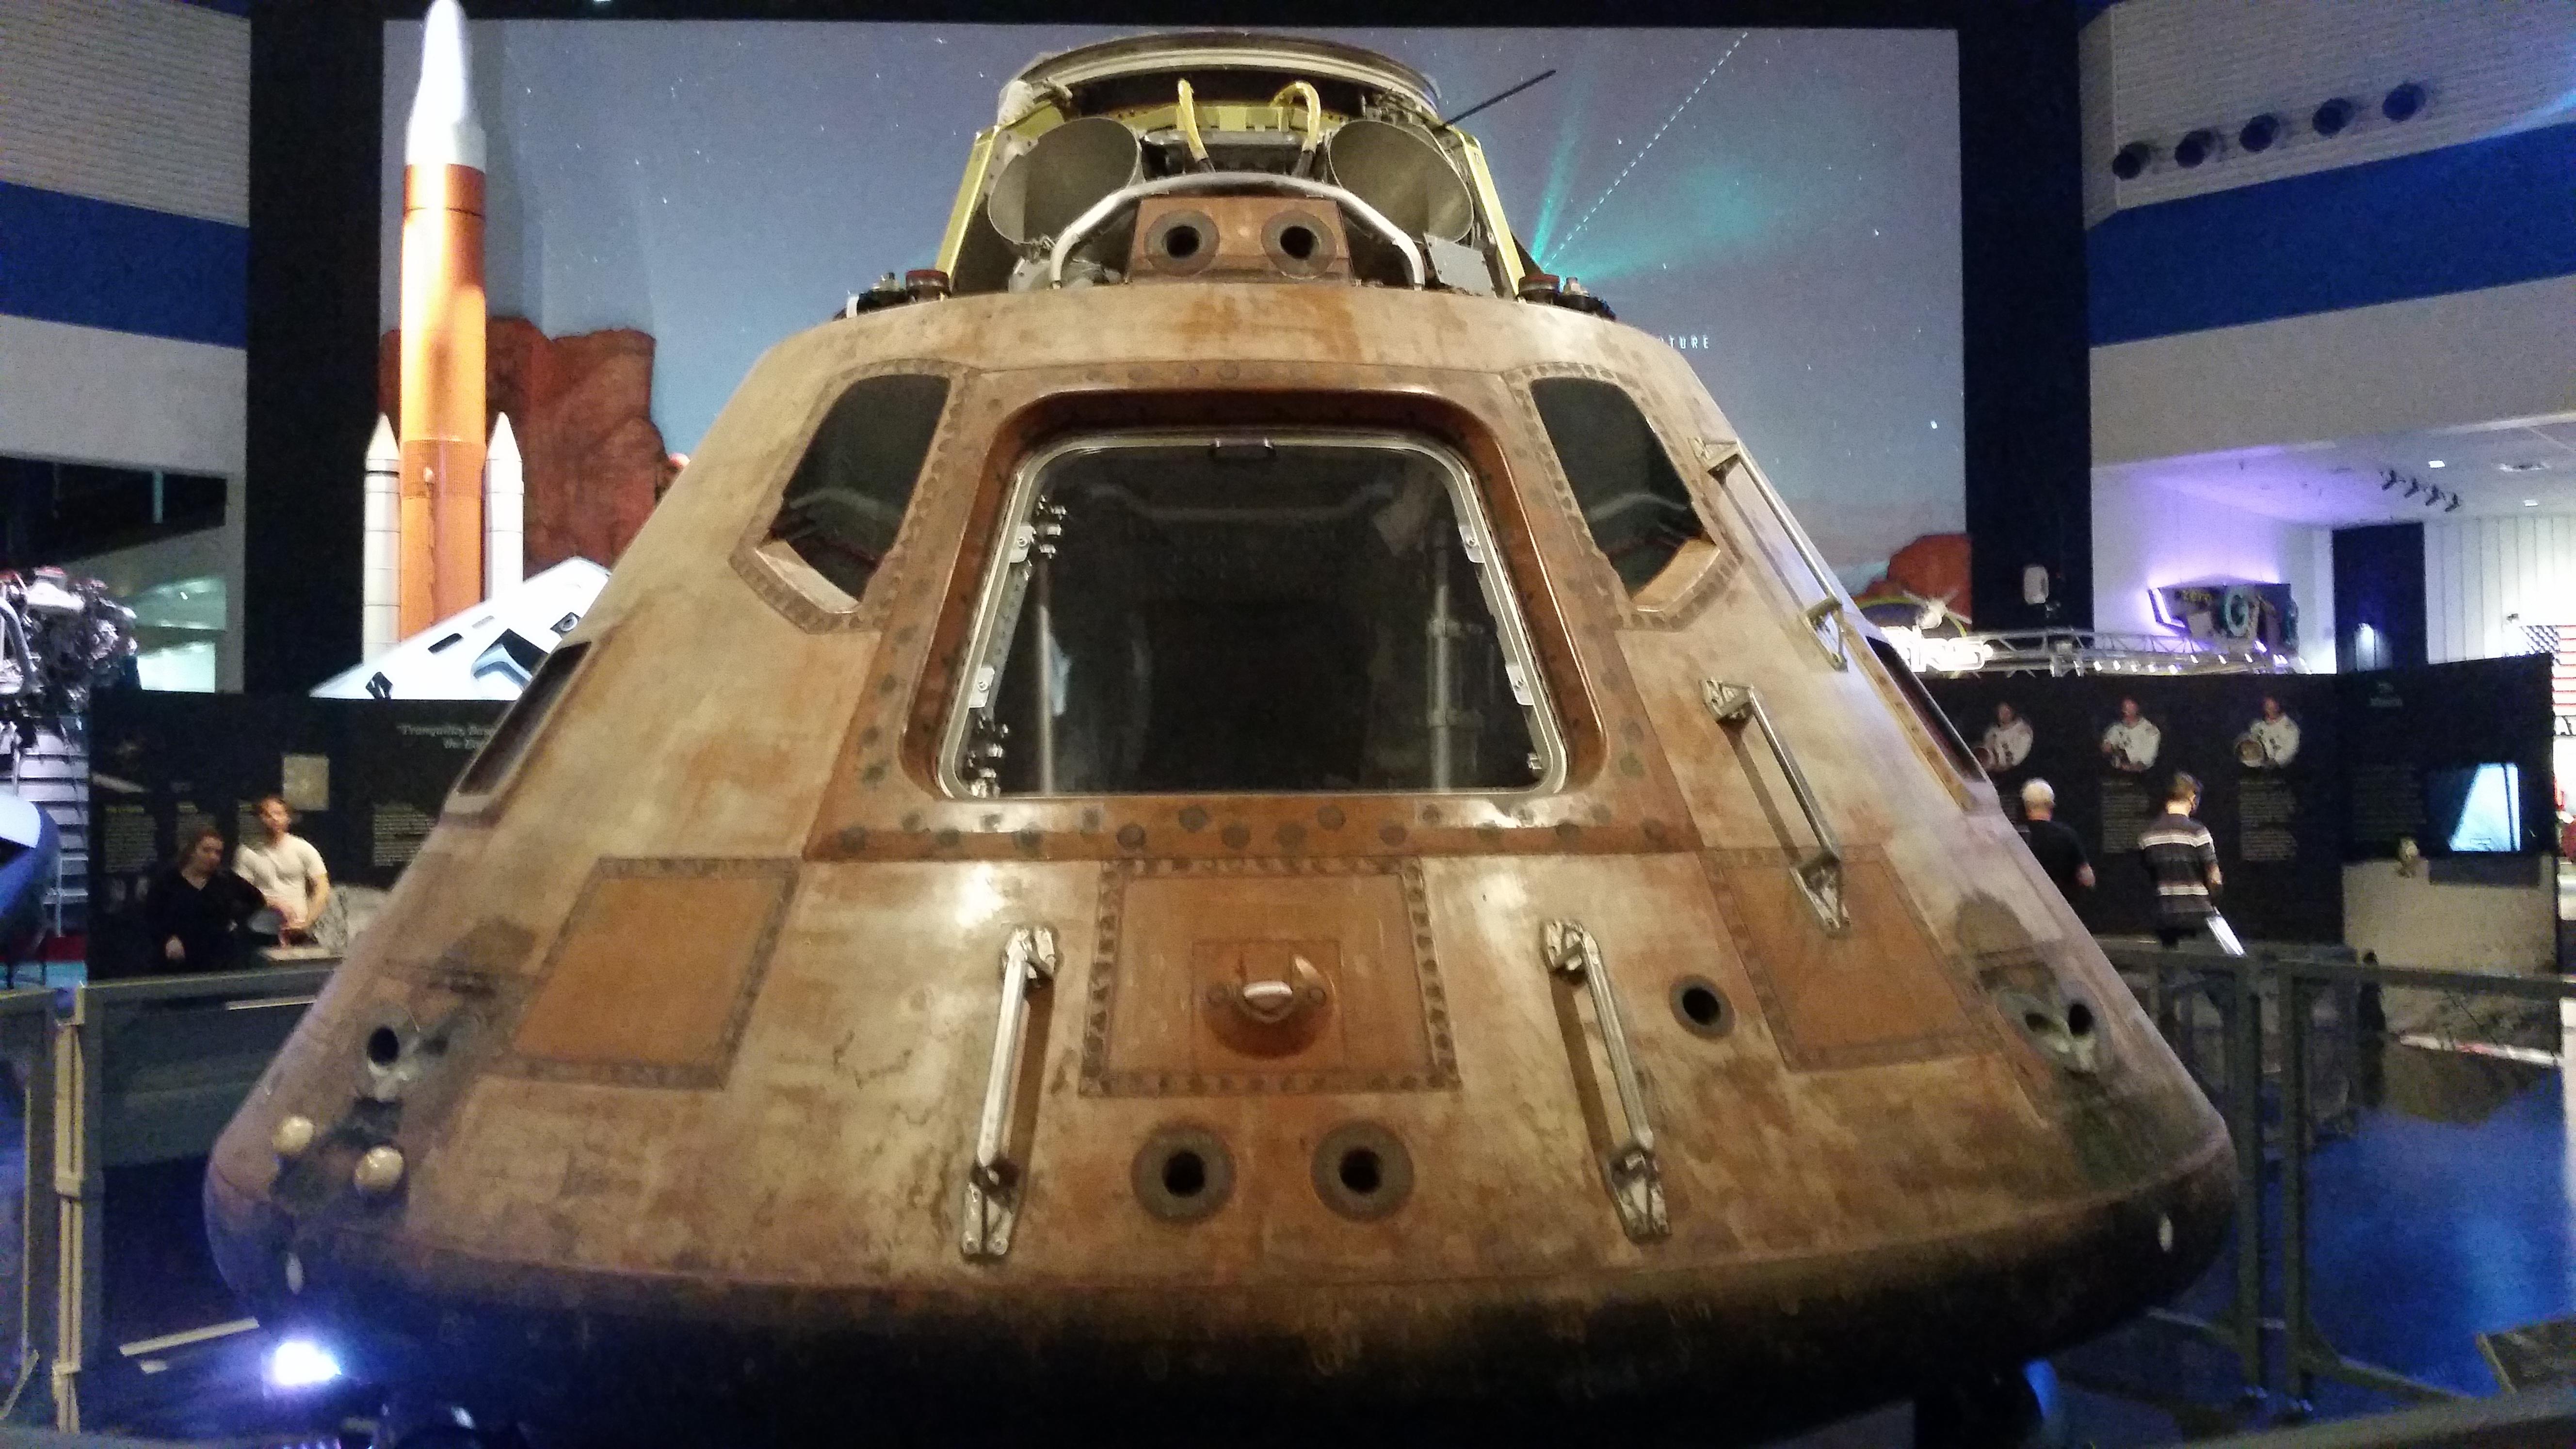 apollo 11 space center houston - photo #9